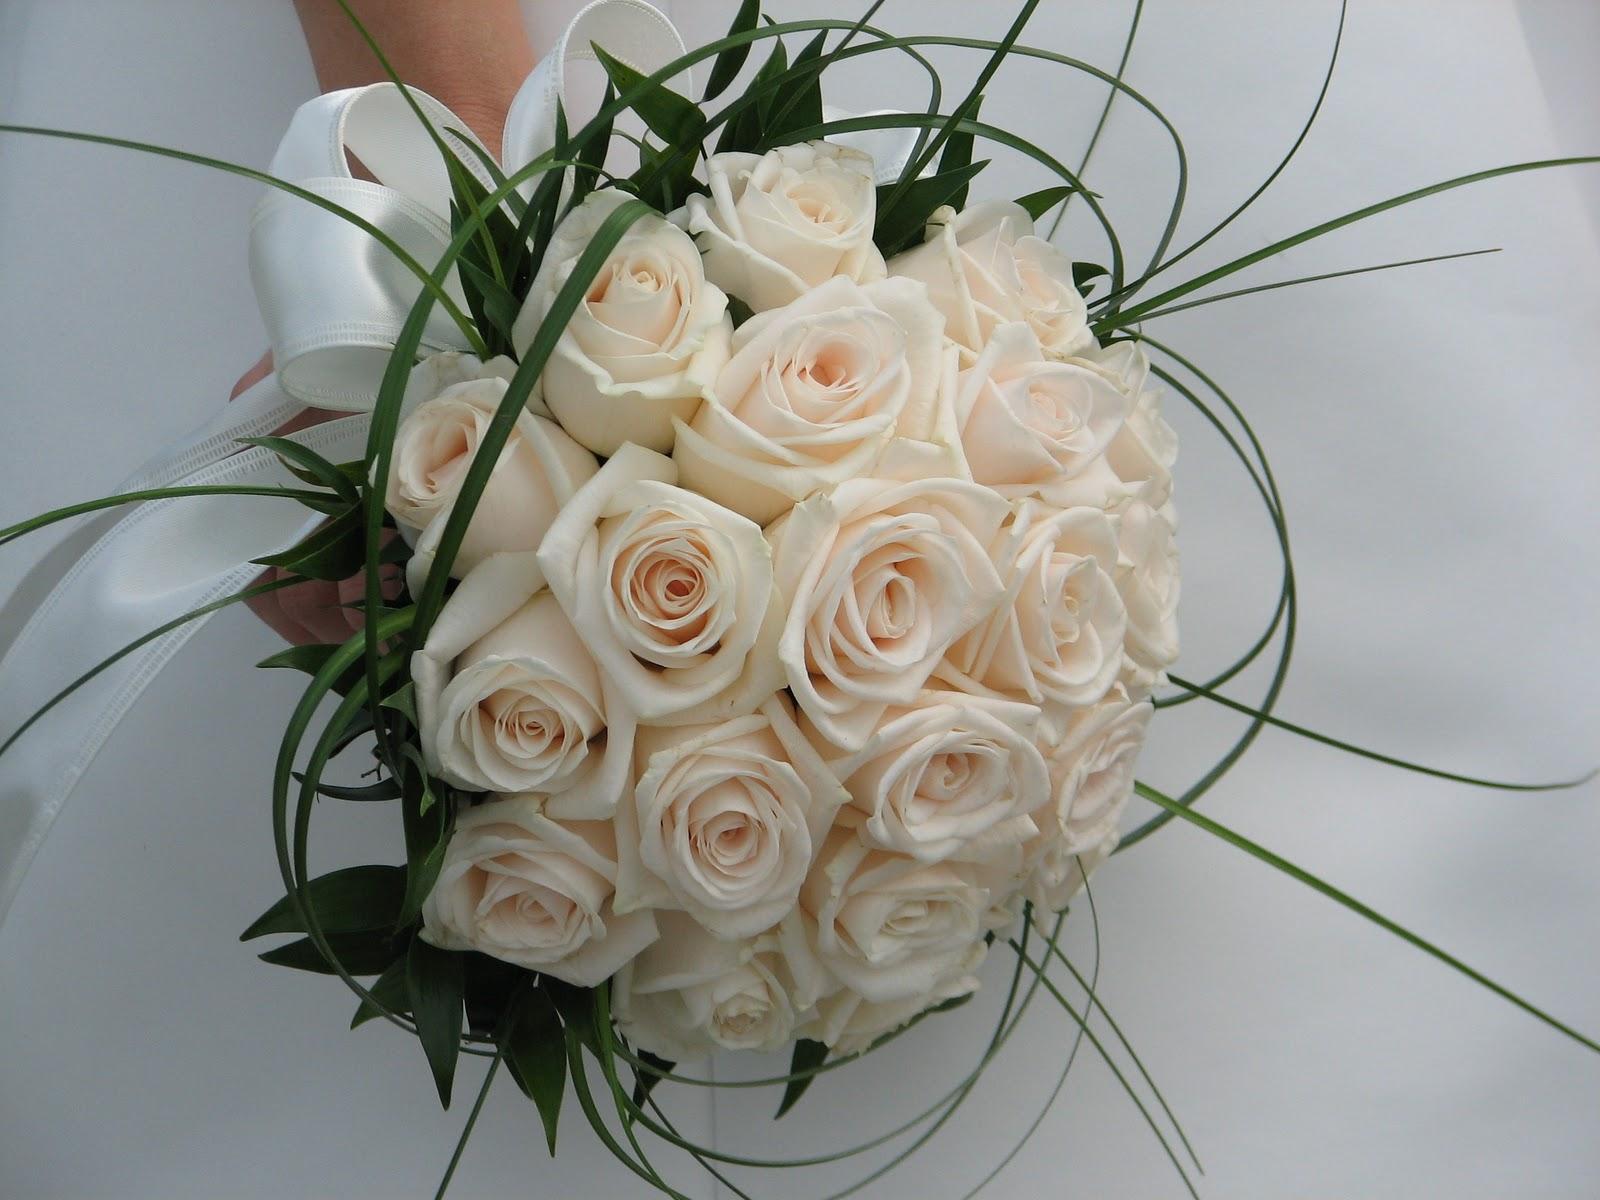 Hình ảnh hoa cưới cầm tay đẹp nhất